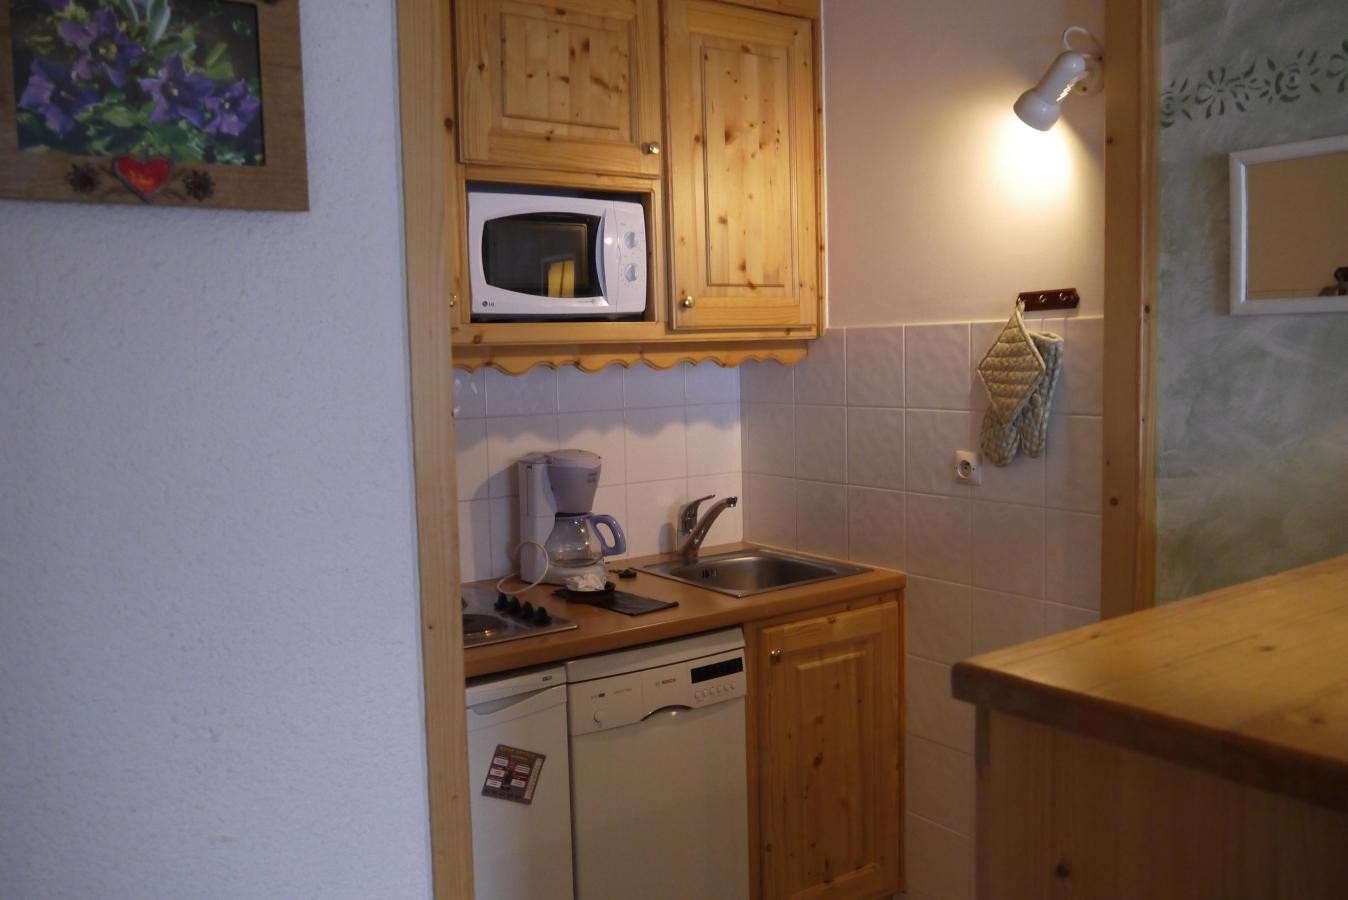 Location au ski Appartement 2 pièces 5 personnes (015) - Residence Les Proveres - Mottaret